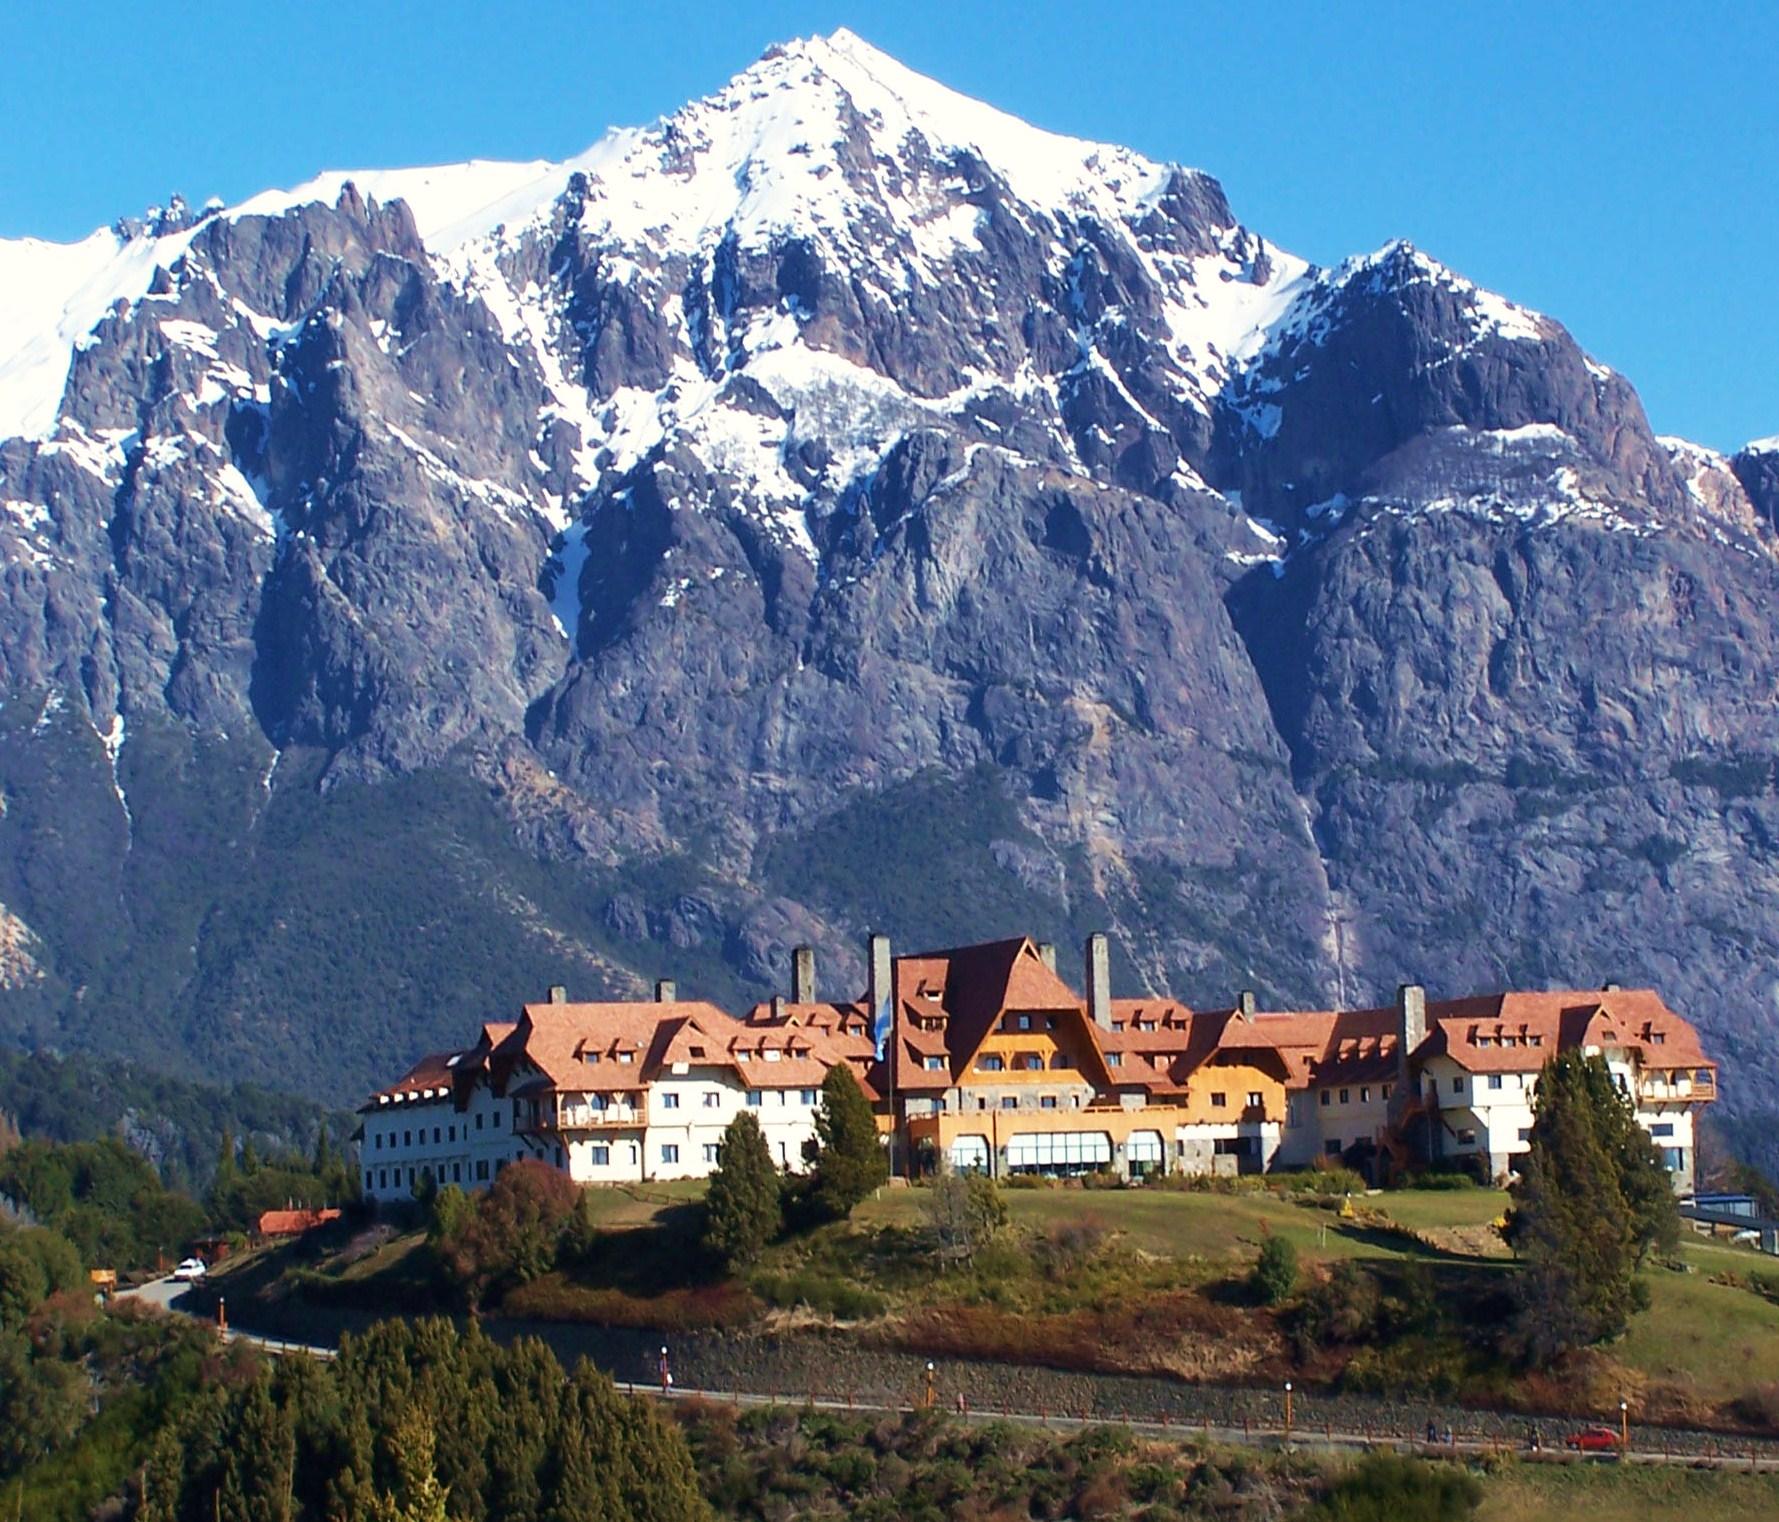 O famoso Hotel Llao Llao compõe a paisagem de Bariloche